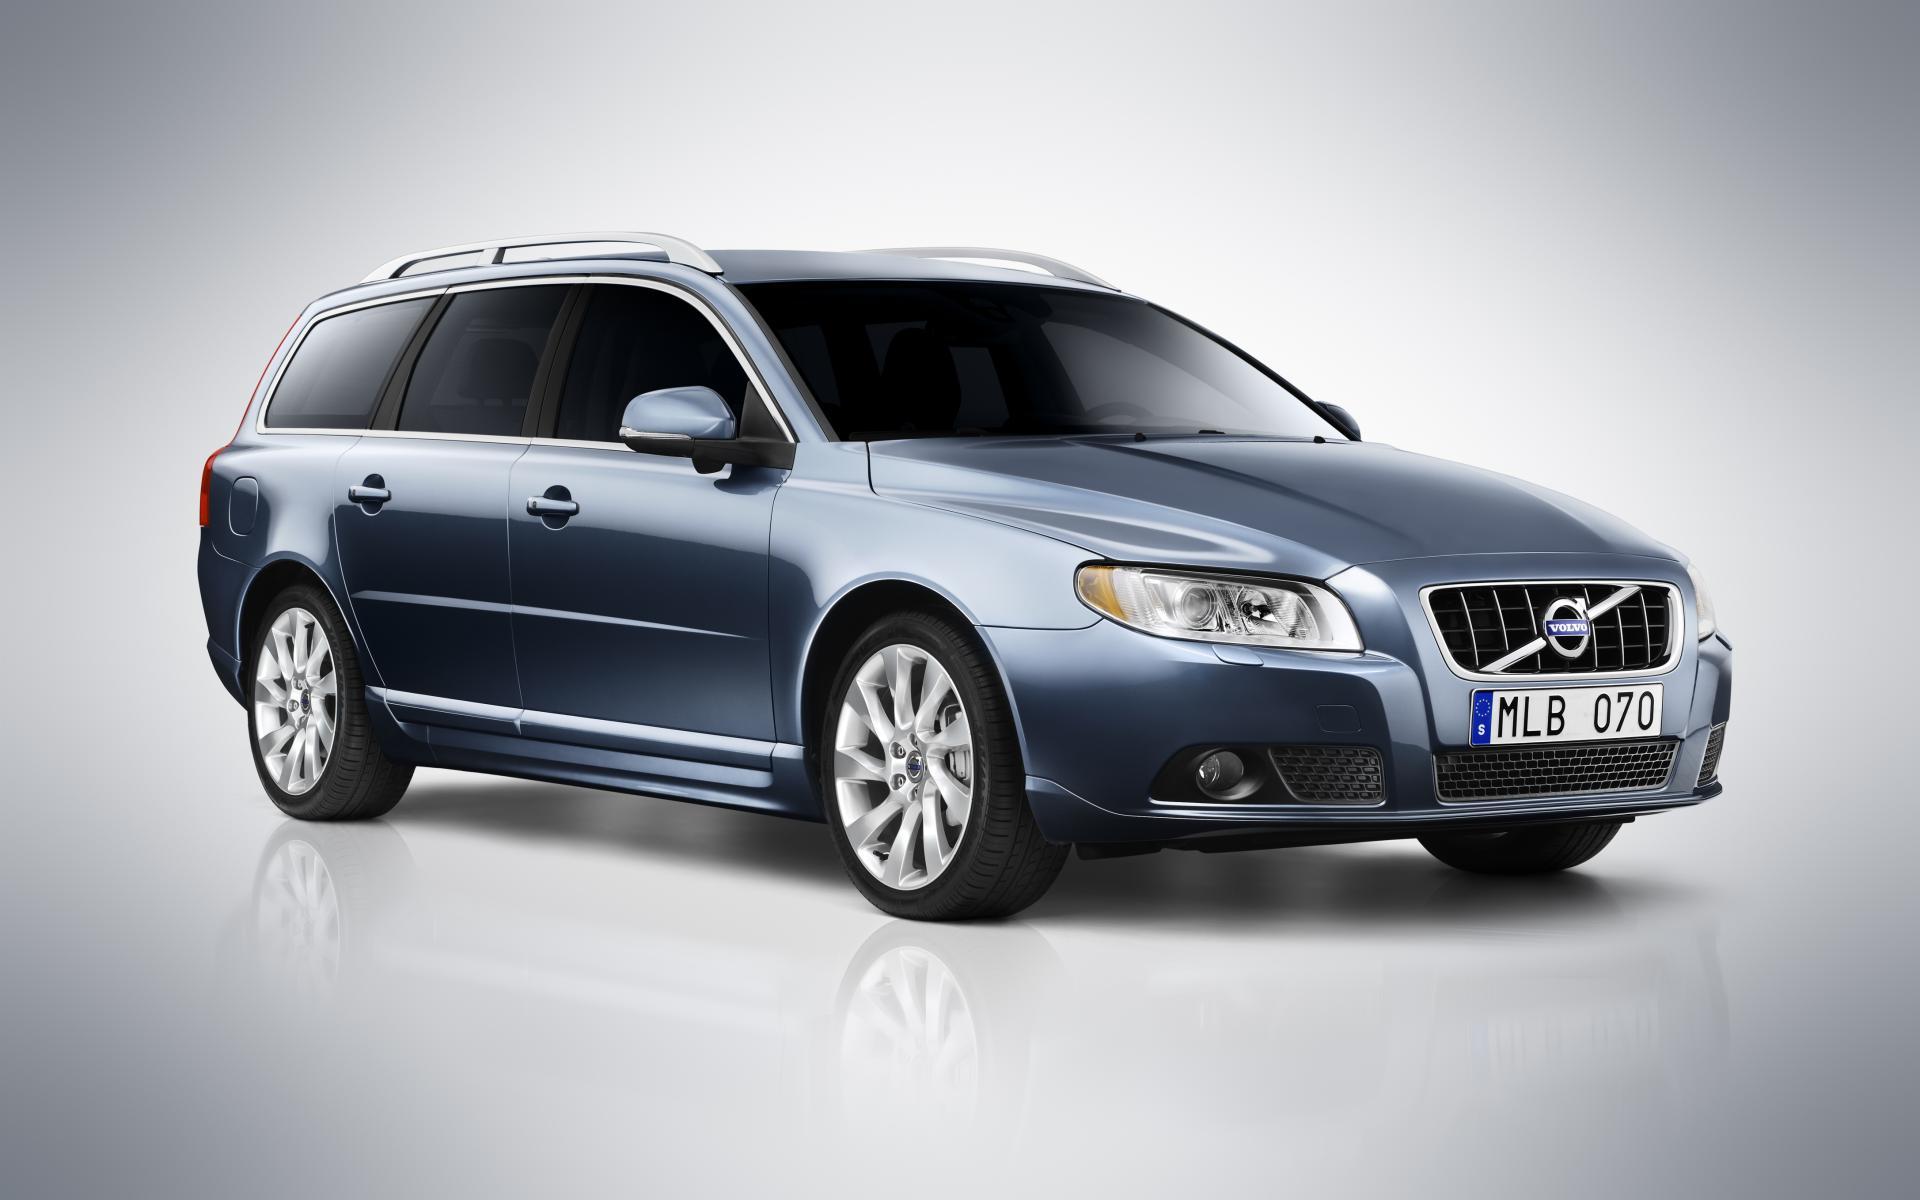 Volvo s60 savile grey metallic images - Volvo S60 Savile Grey Metallic Images 20